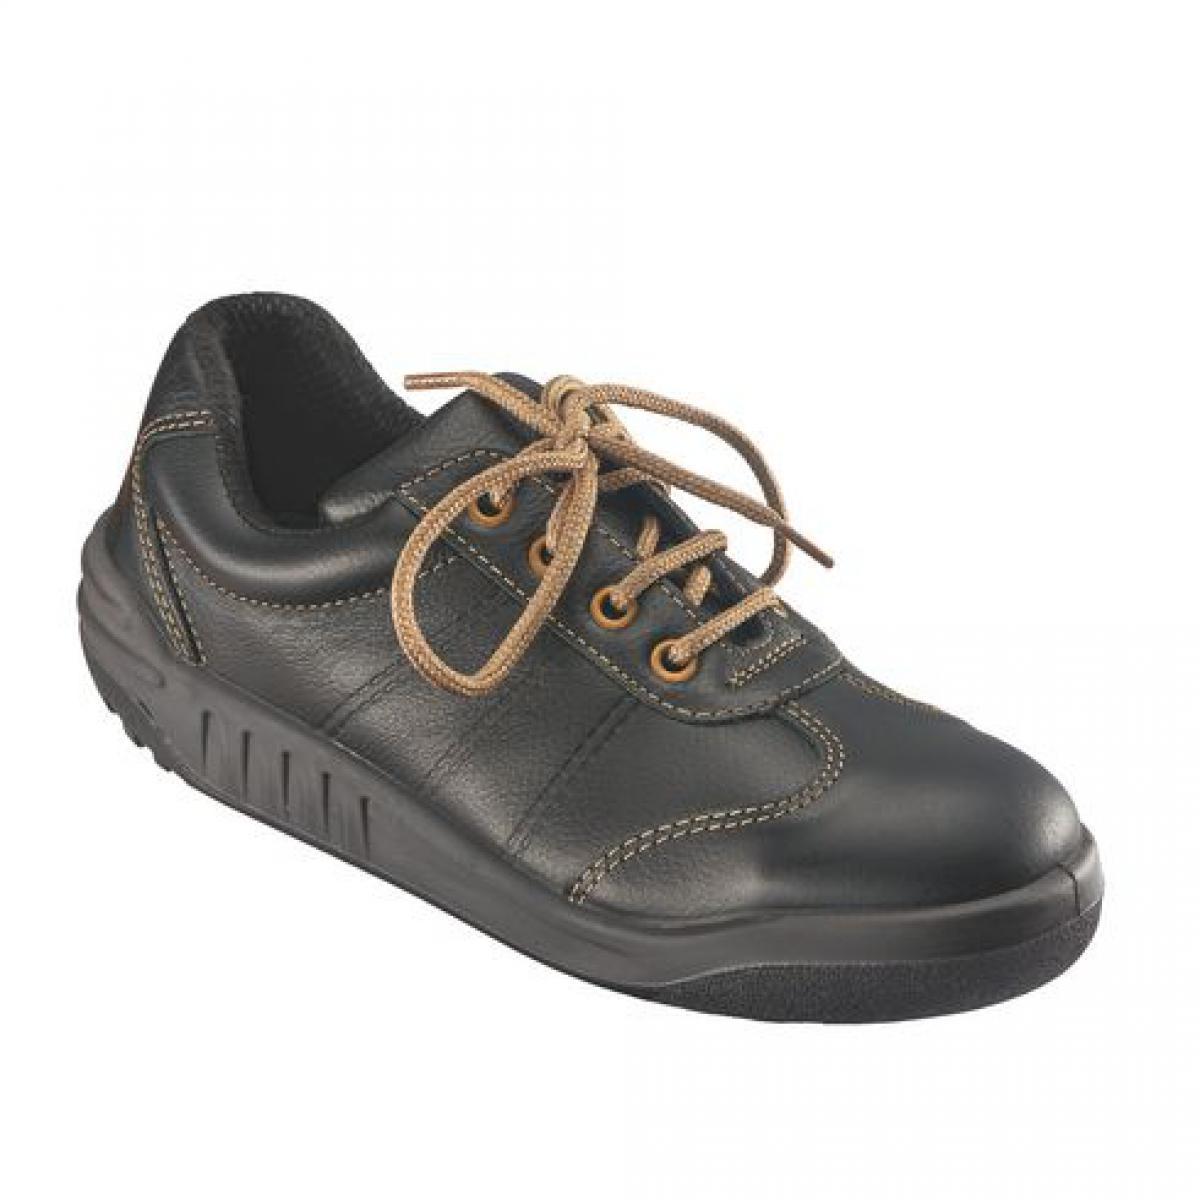 Parade Paire de chaussures basses femme Parade Josio - noir - Pointure 37